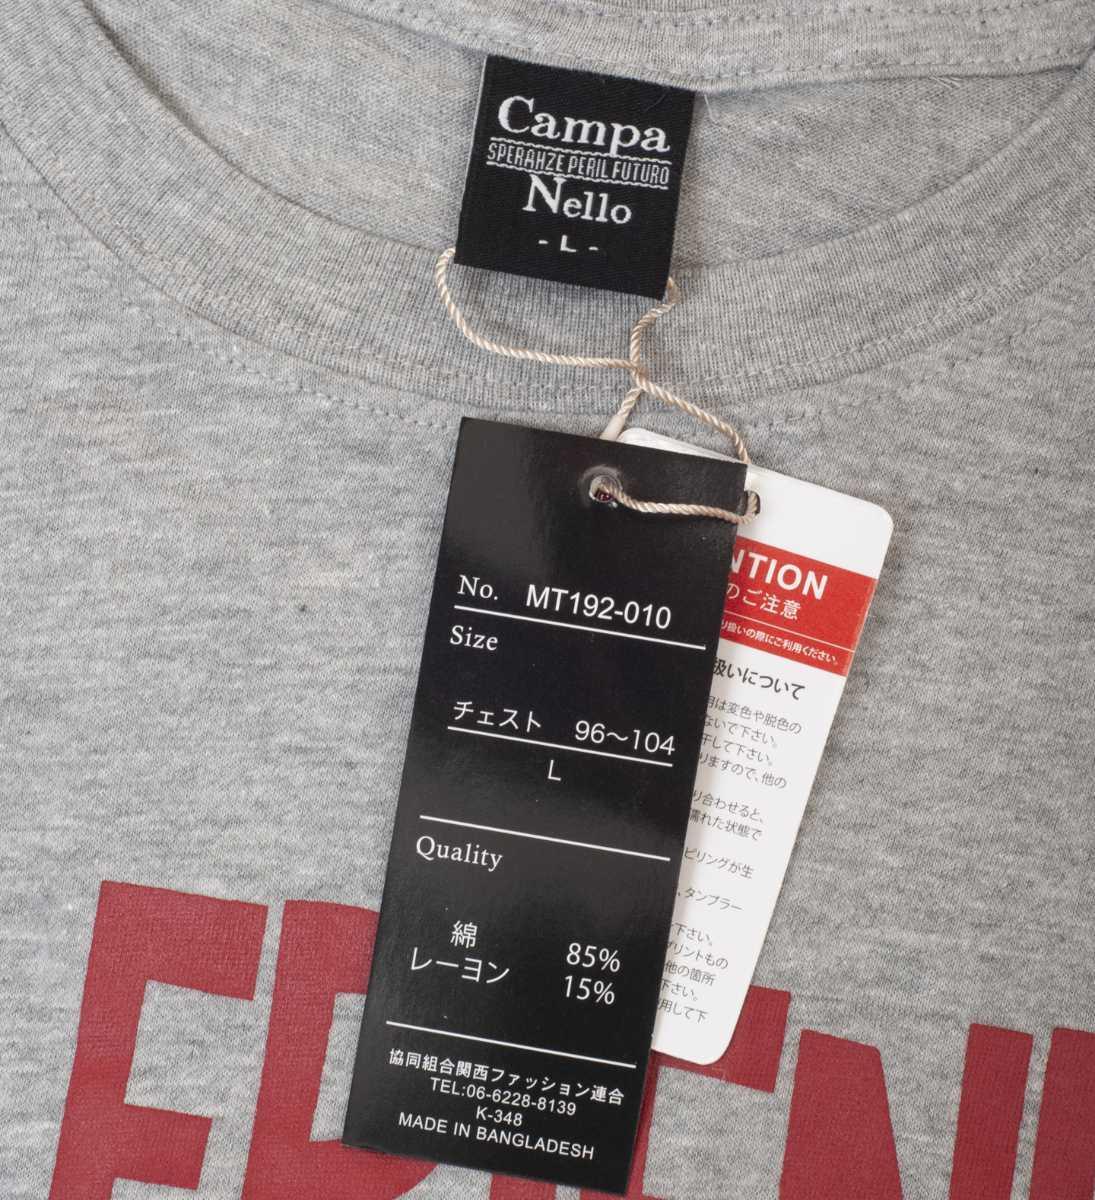 【新品未使用】L マイフレンドデザイン 半袖Tシャツ グレー プリントTシャツ ネコ 猫 キャラT メンズ トップス 男女兼用 カワイイ cat